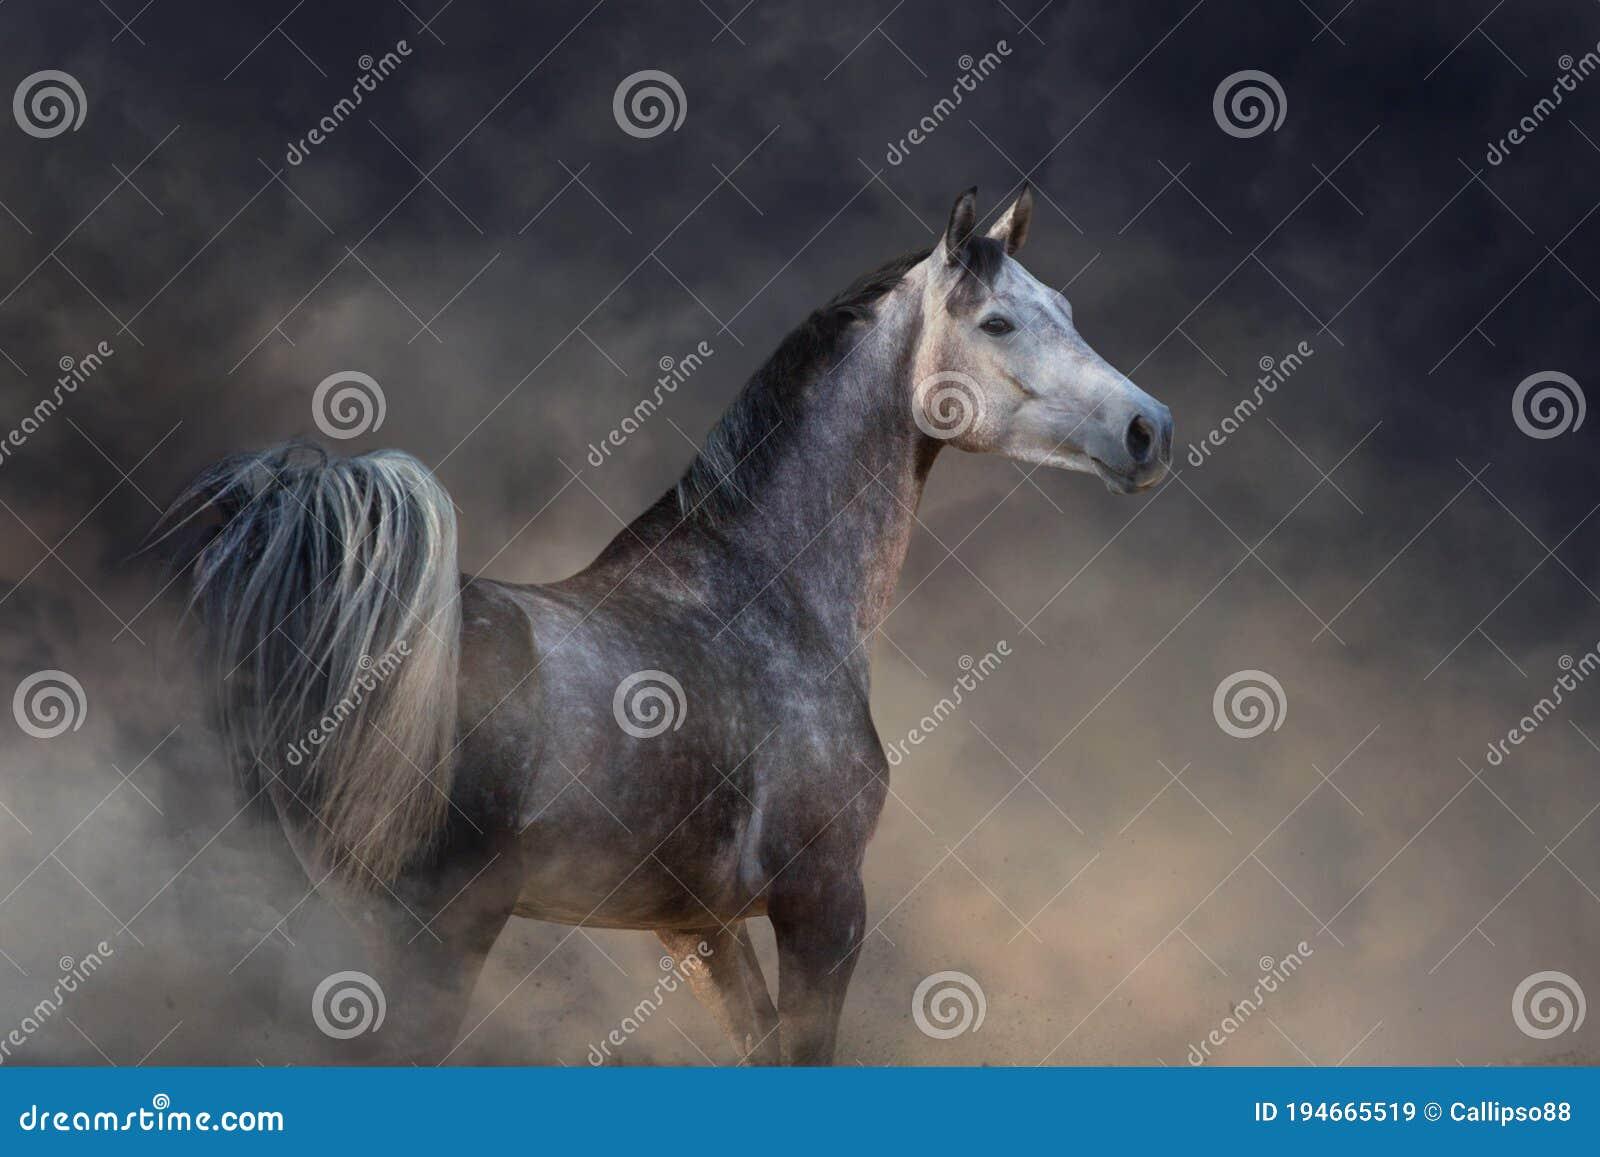 Arabian Horse Portrait Stock Image Image Of Desert 194665519